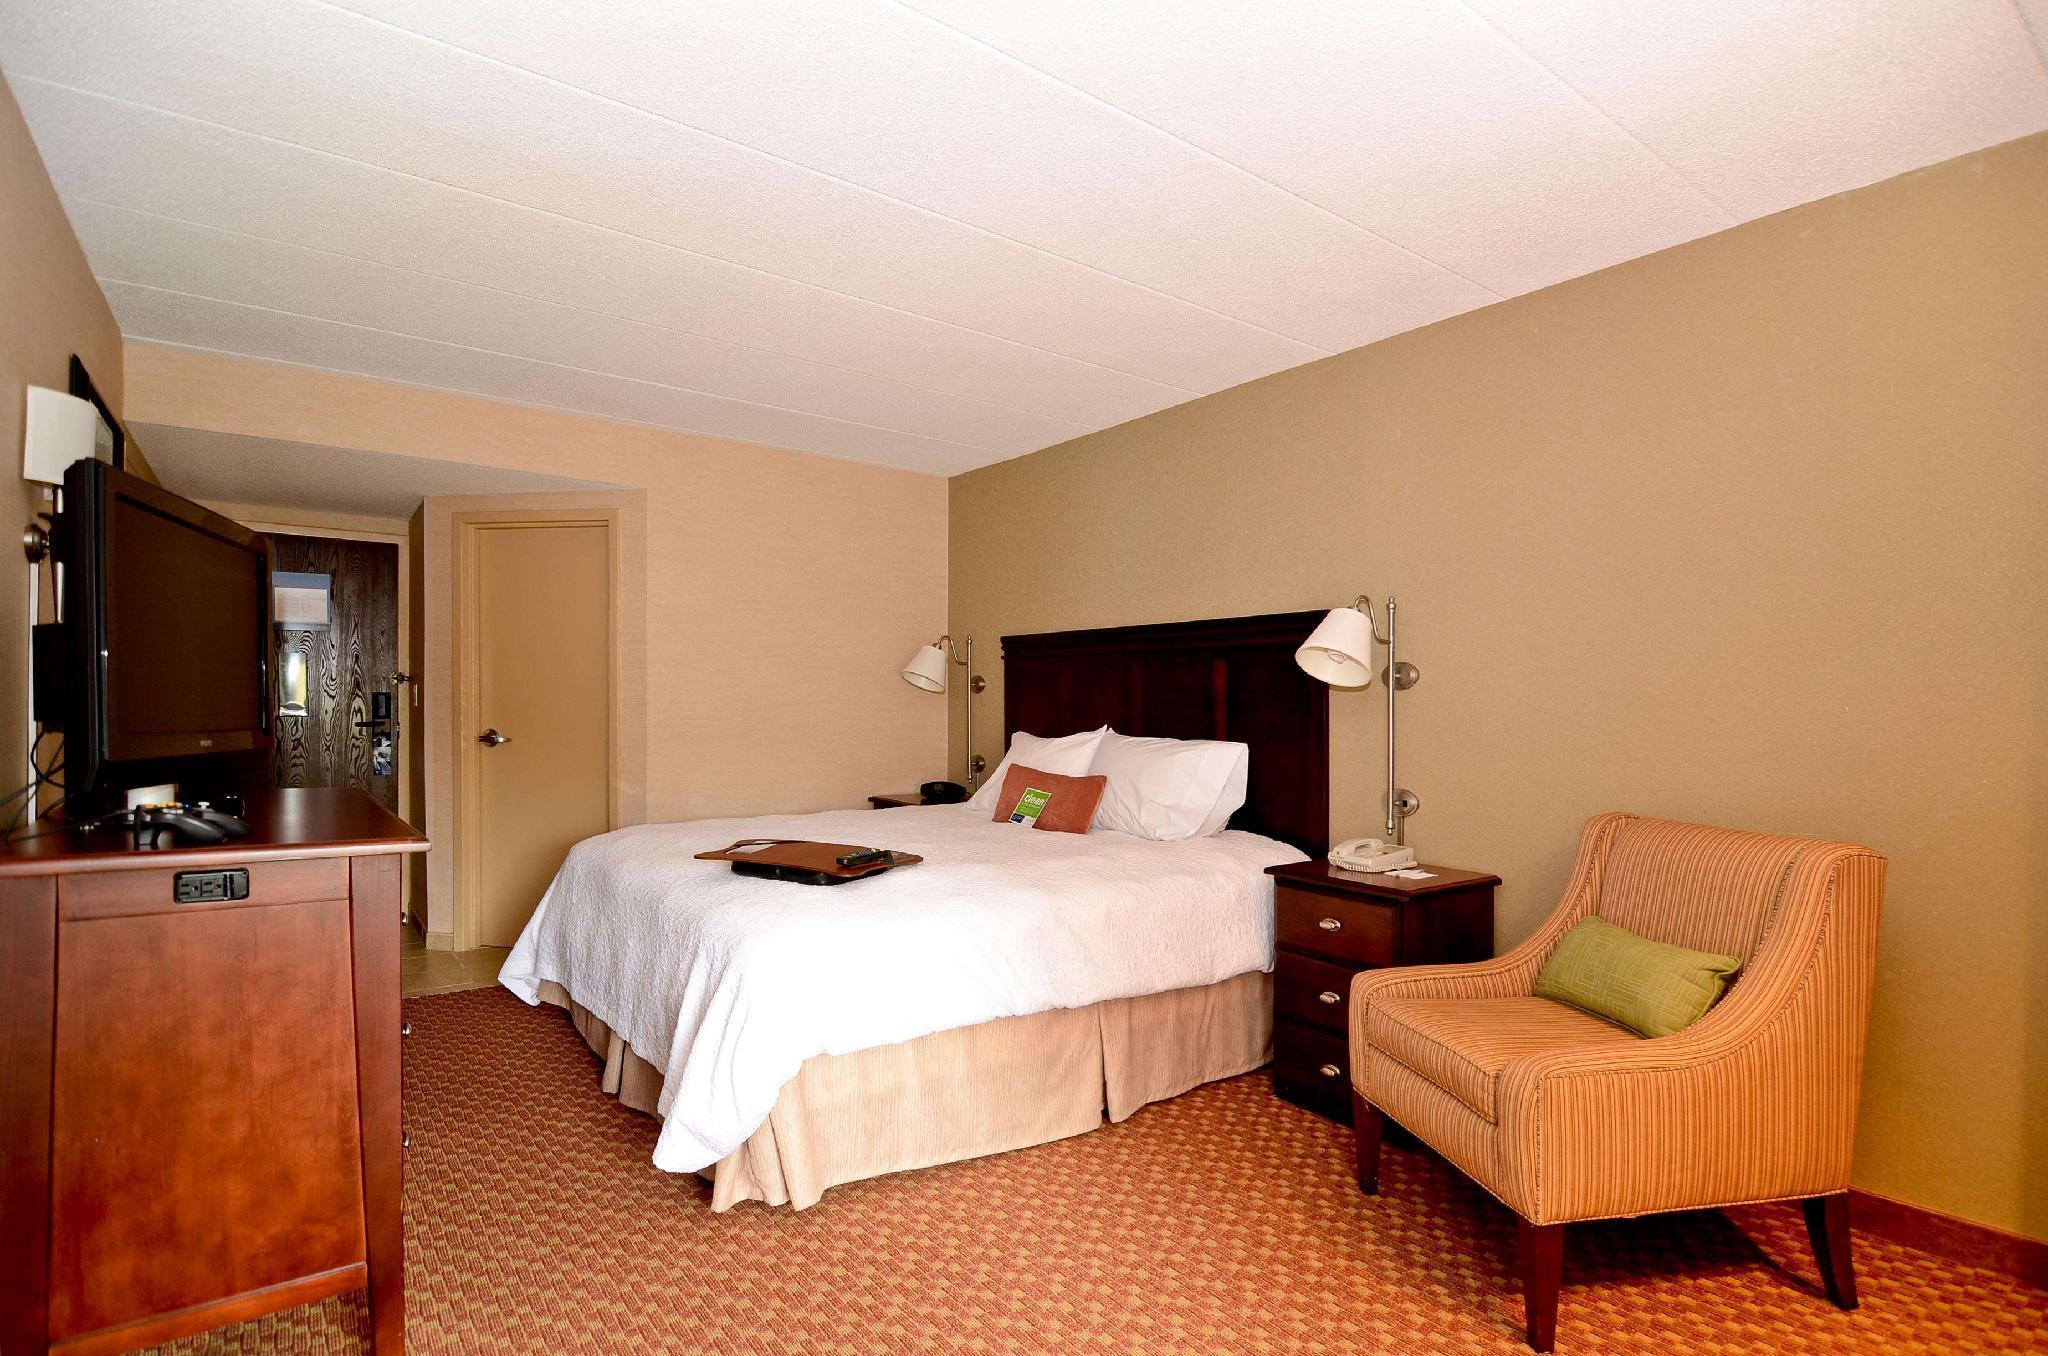 Hampton Inn Fall River Westport Hotel (Fall River (MA)) - Deals